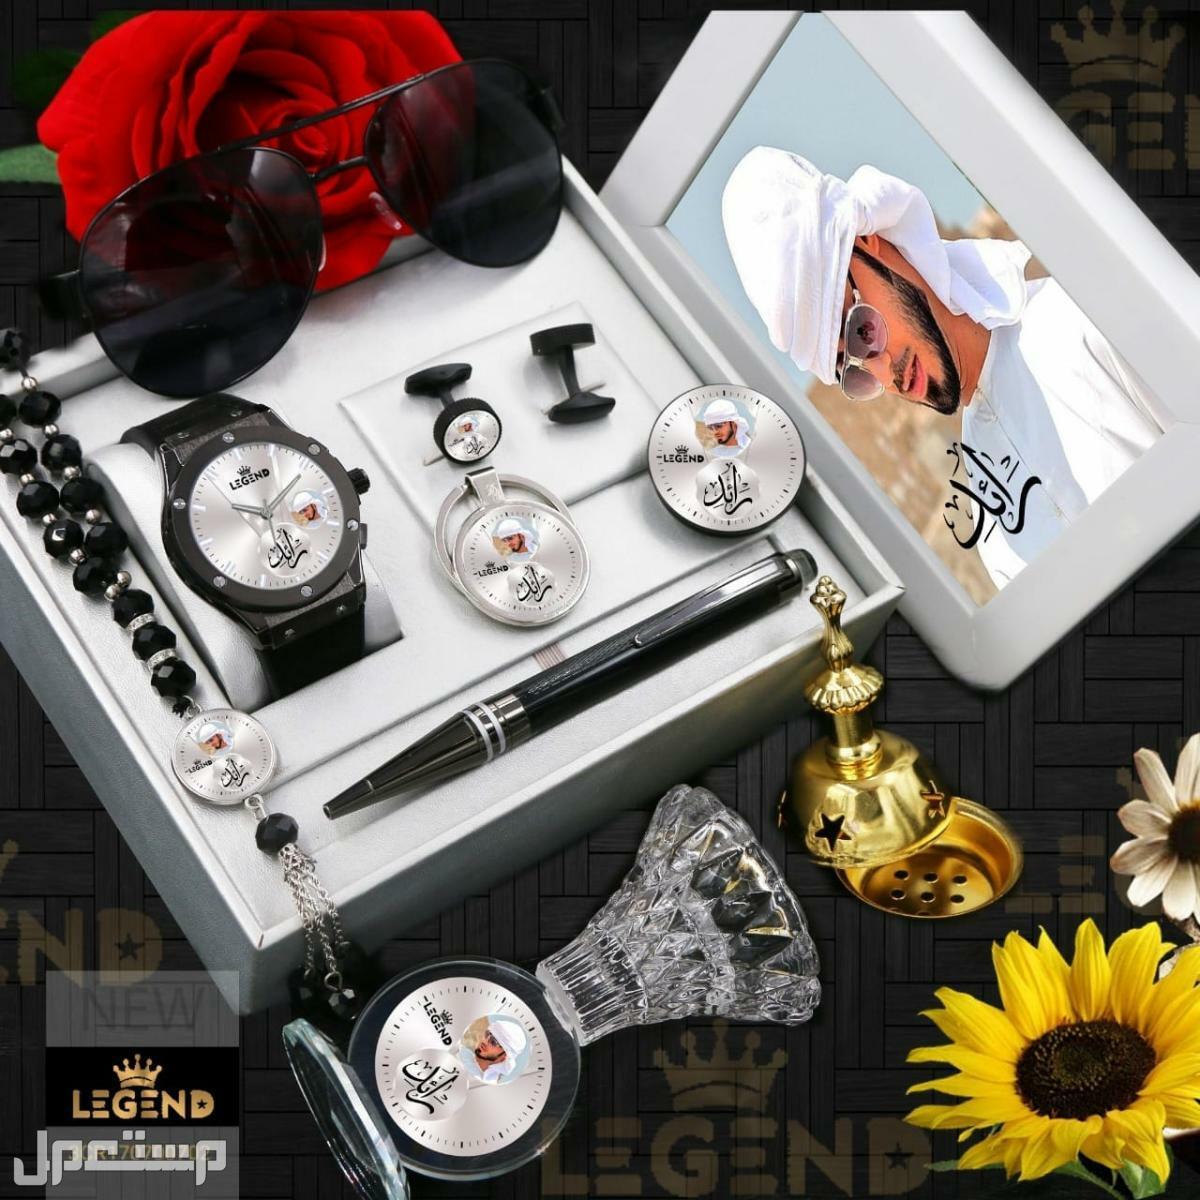 ساعة رجالية مميزه بالاسم والصوره حسب الطلب